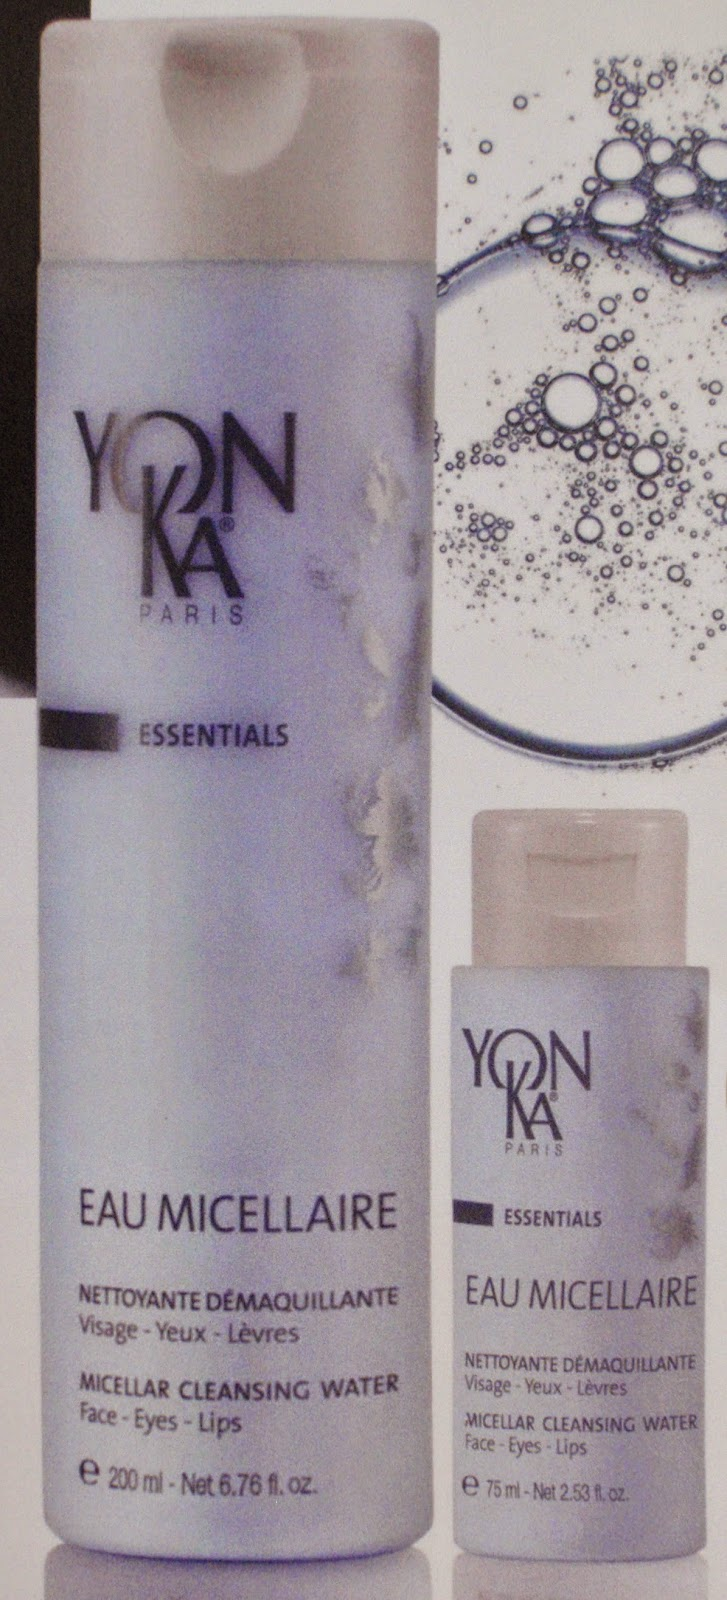 eau micellaire yonka